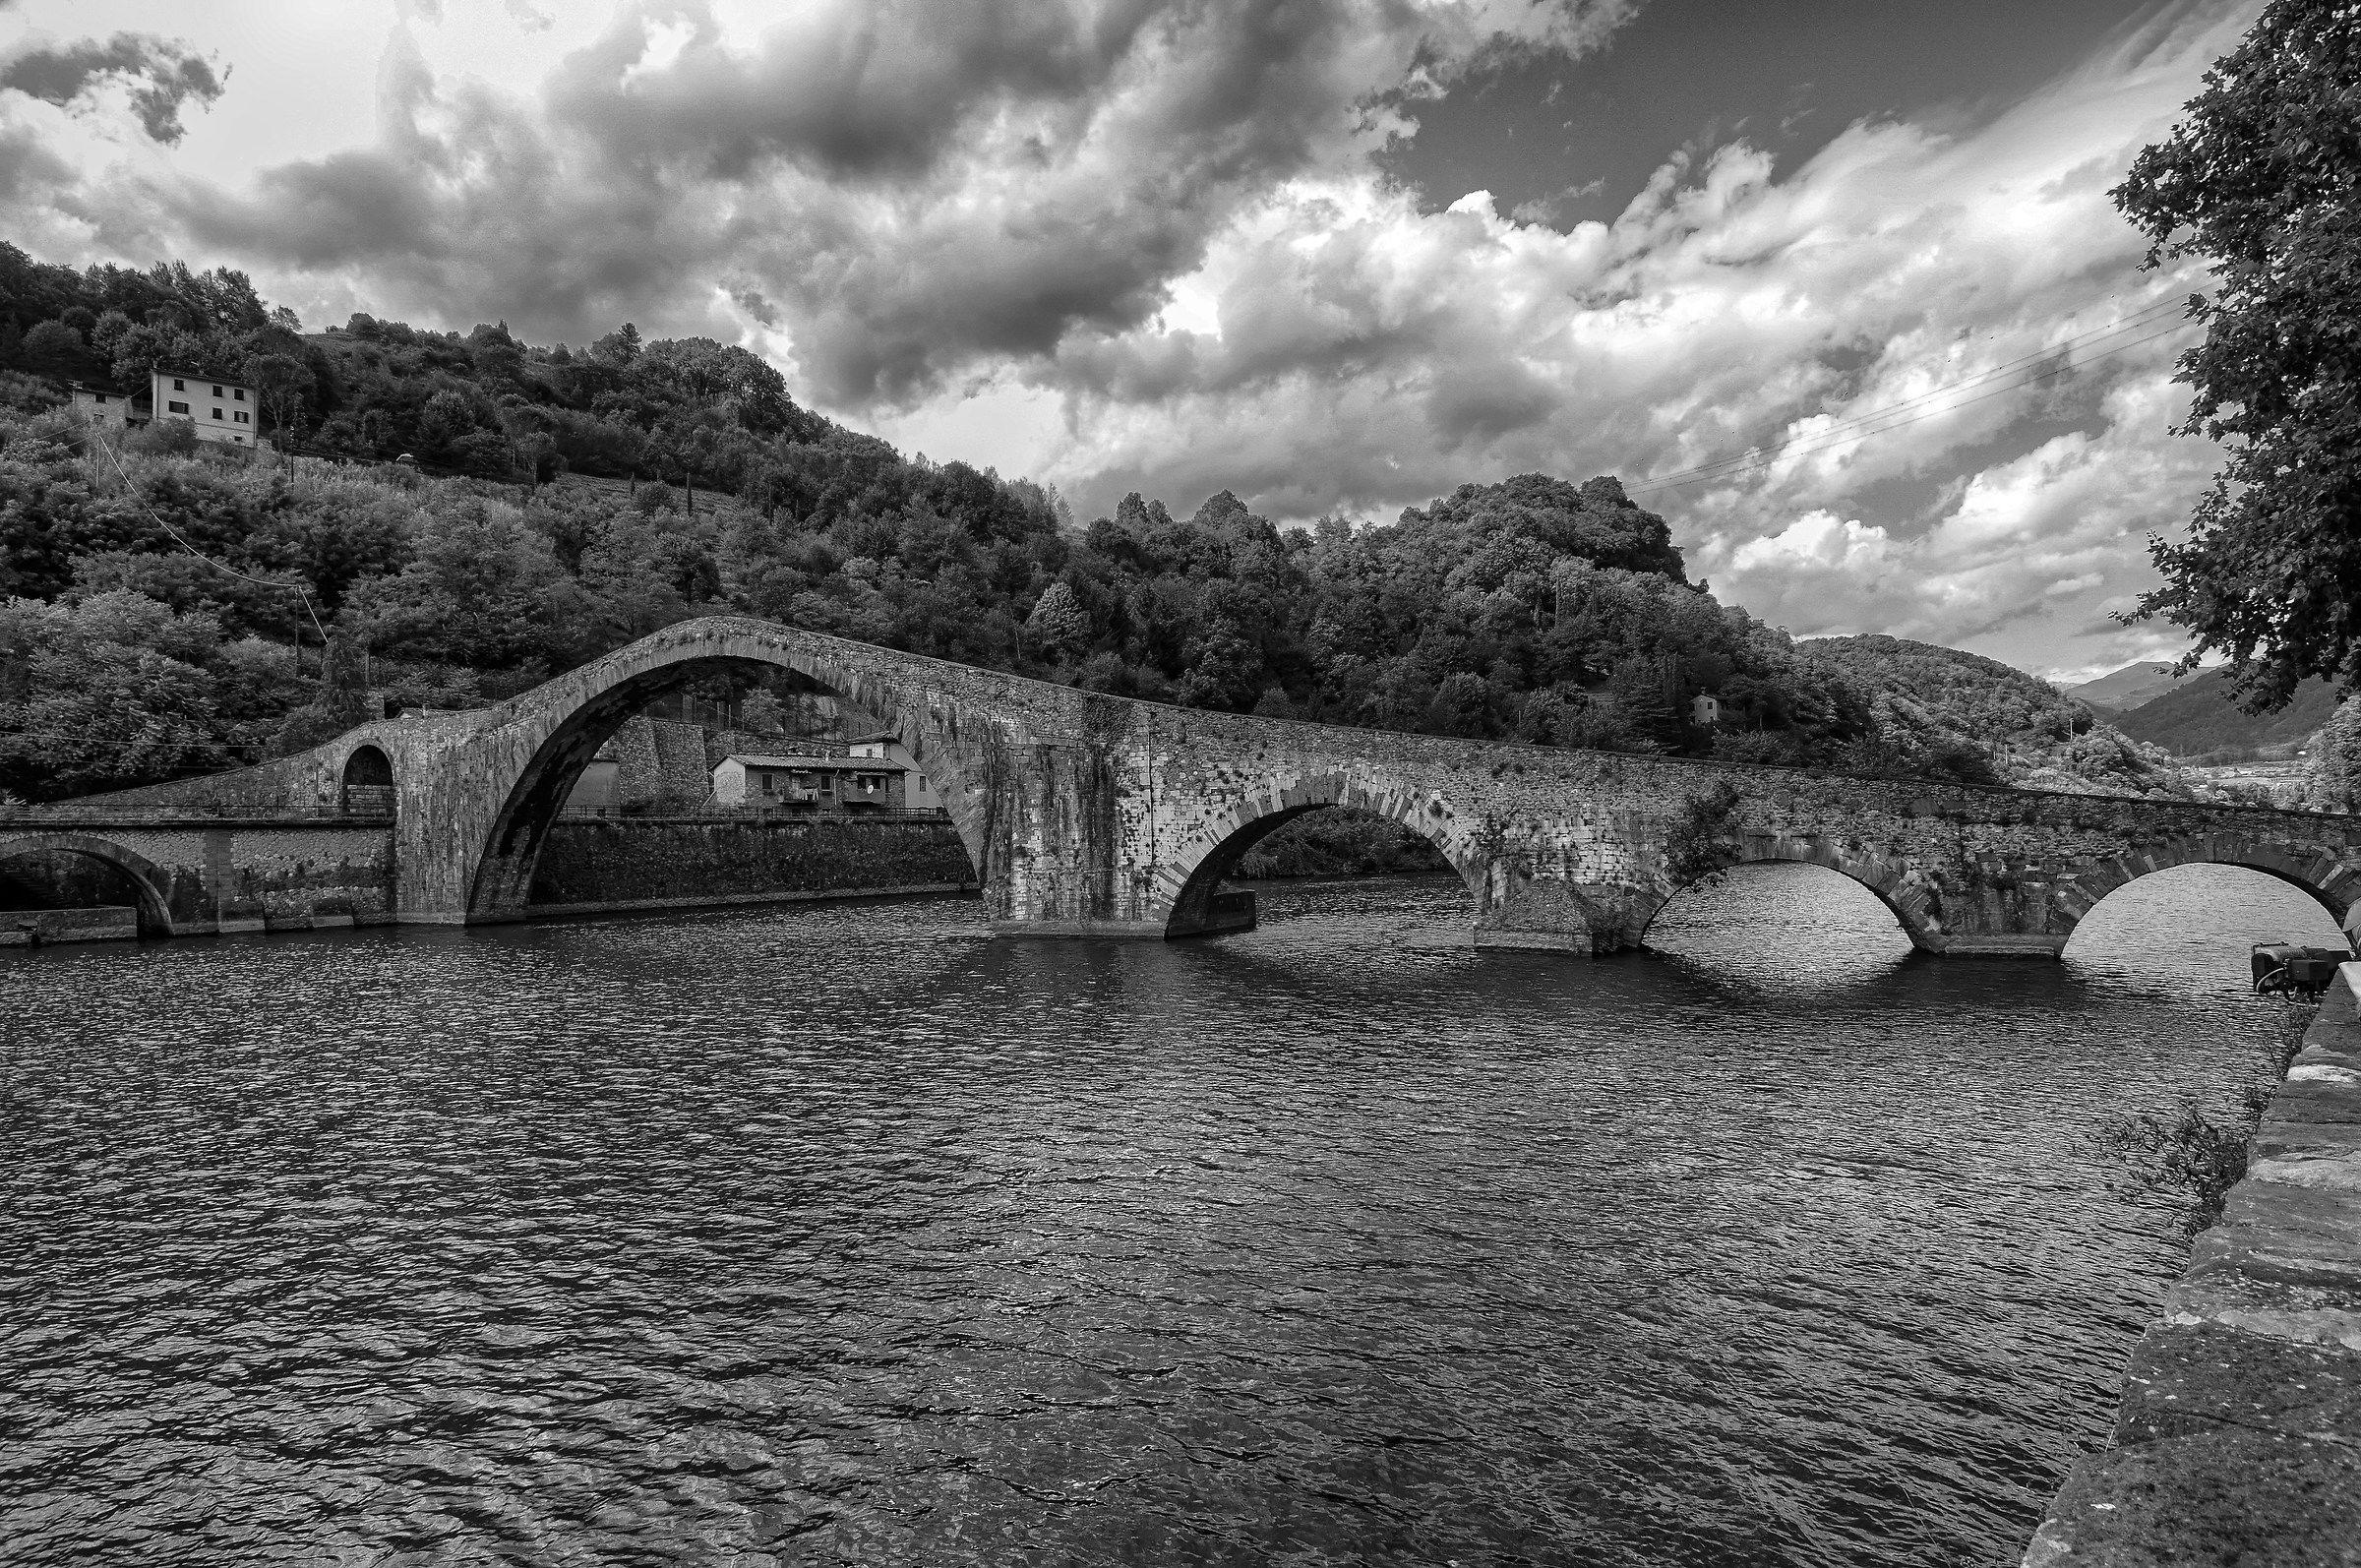 Ponte della Maddalena, Via del Brennero,Borgo a Mozzano...